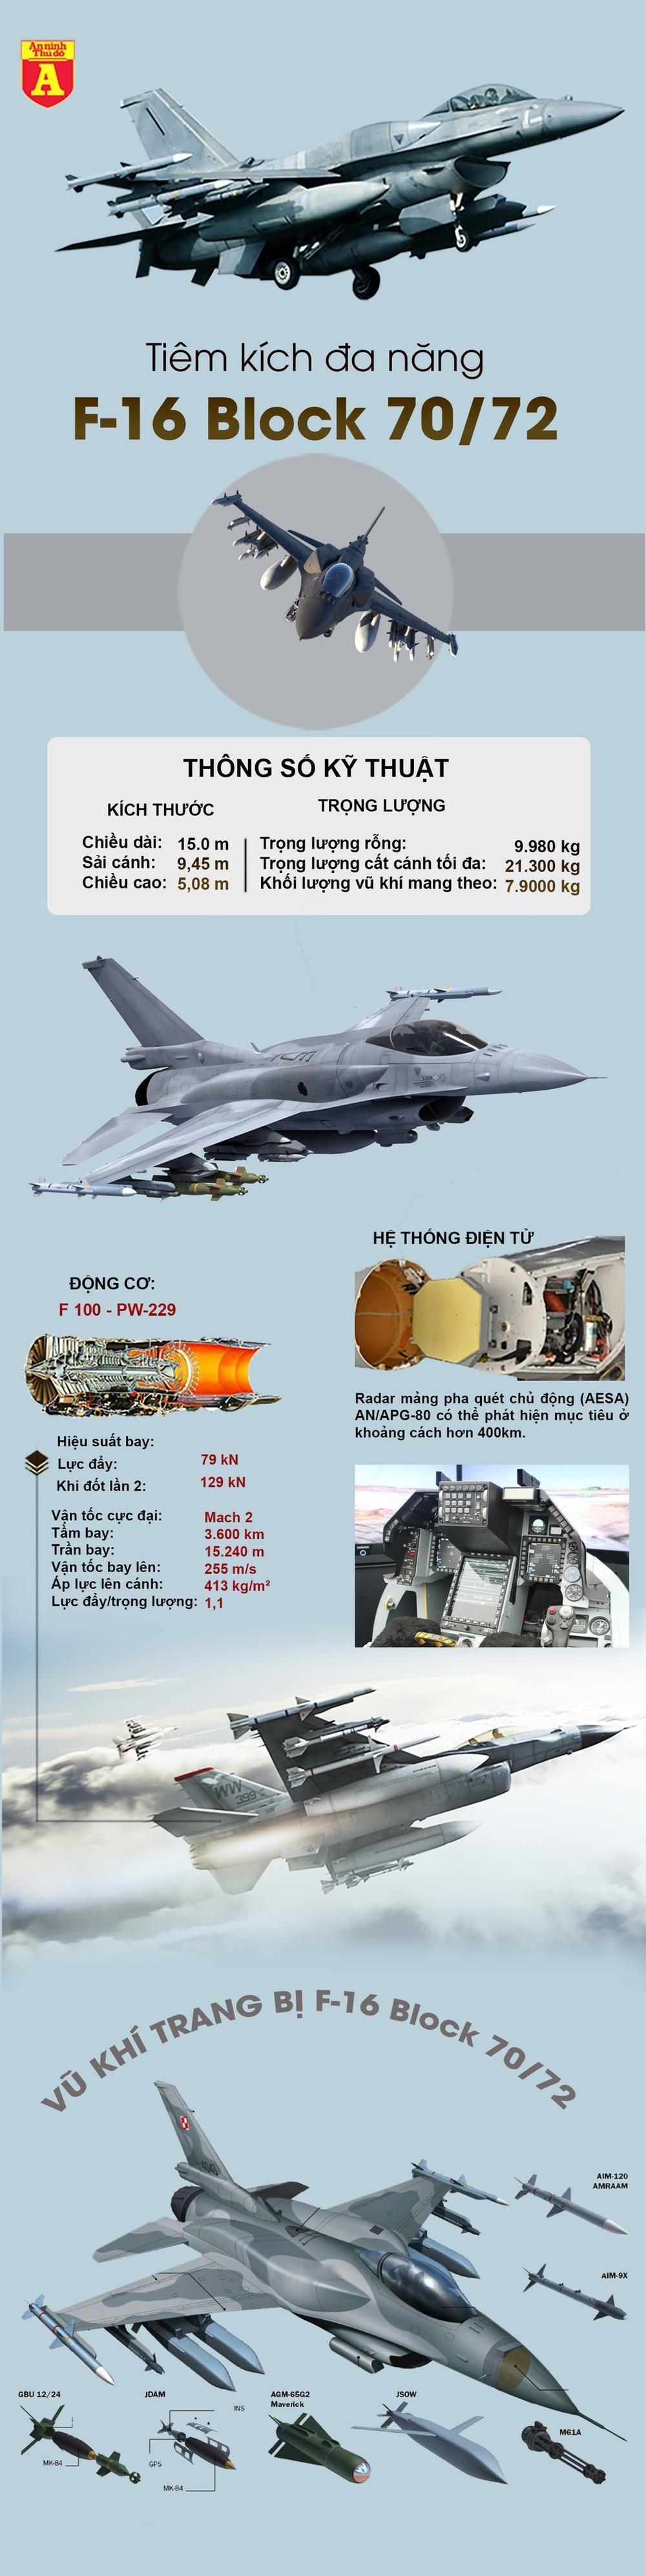 [Info] F-16 Block 70/72 đối thủ đáng gờm của Su-35 Nga ảnh 2